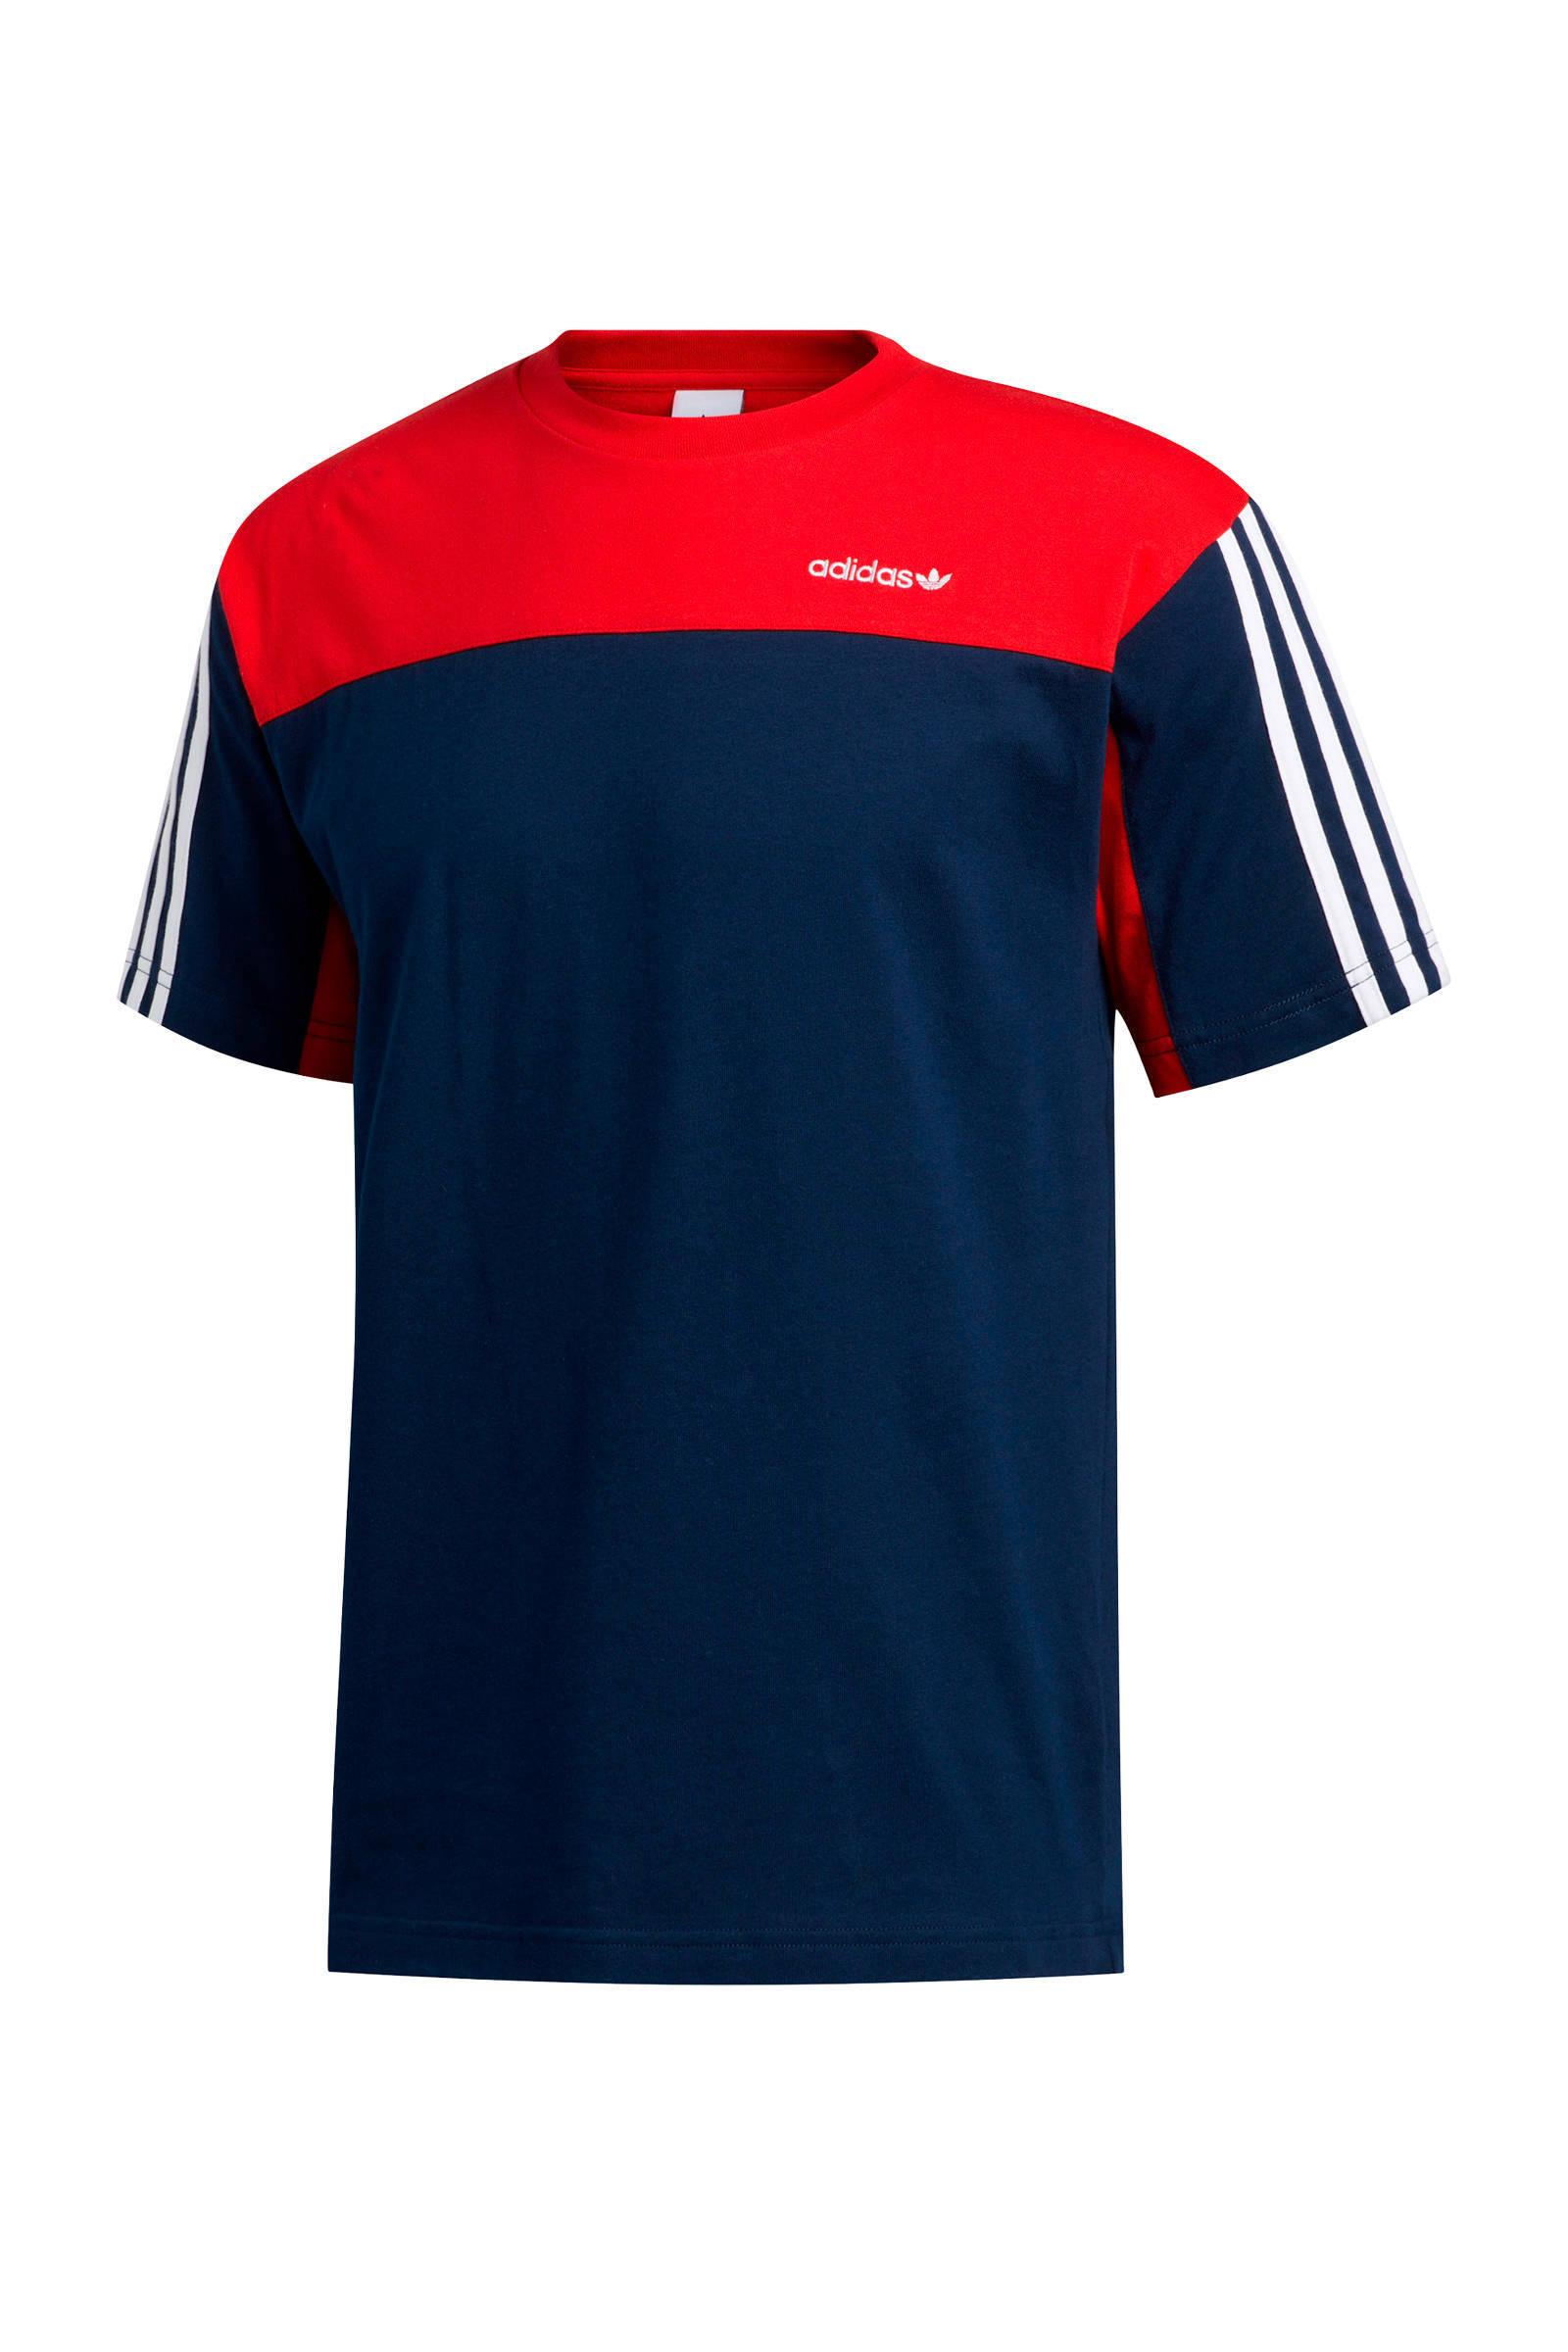 adidas Originals T shirt donkerblauwrood | wehkamp